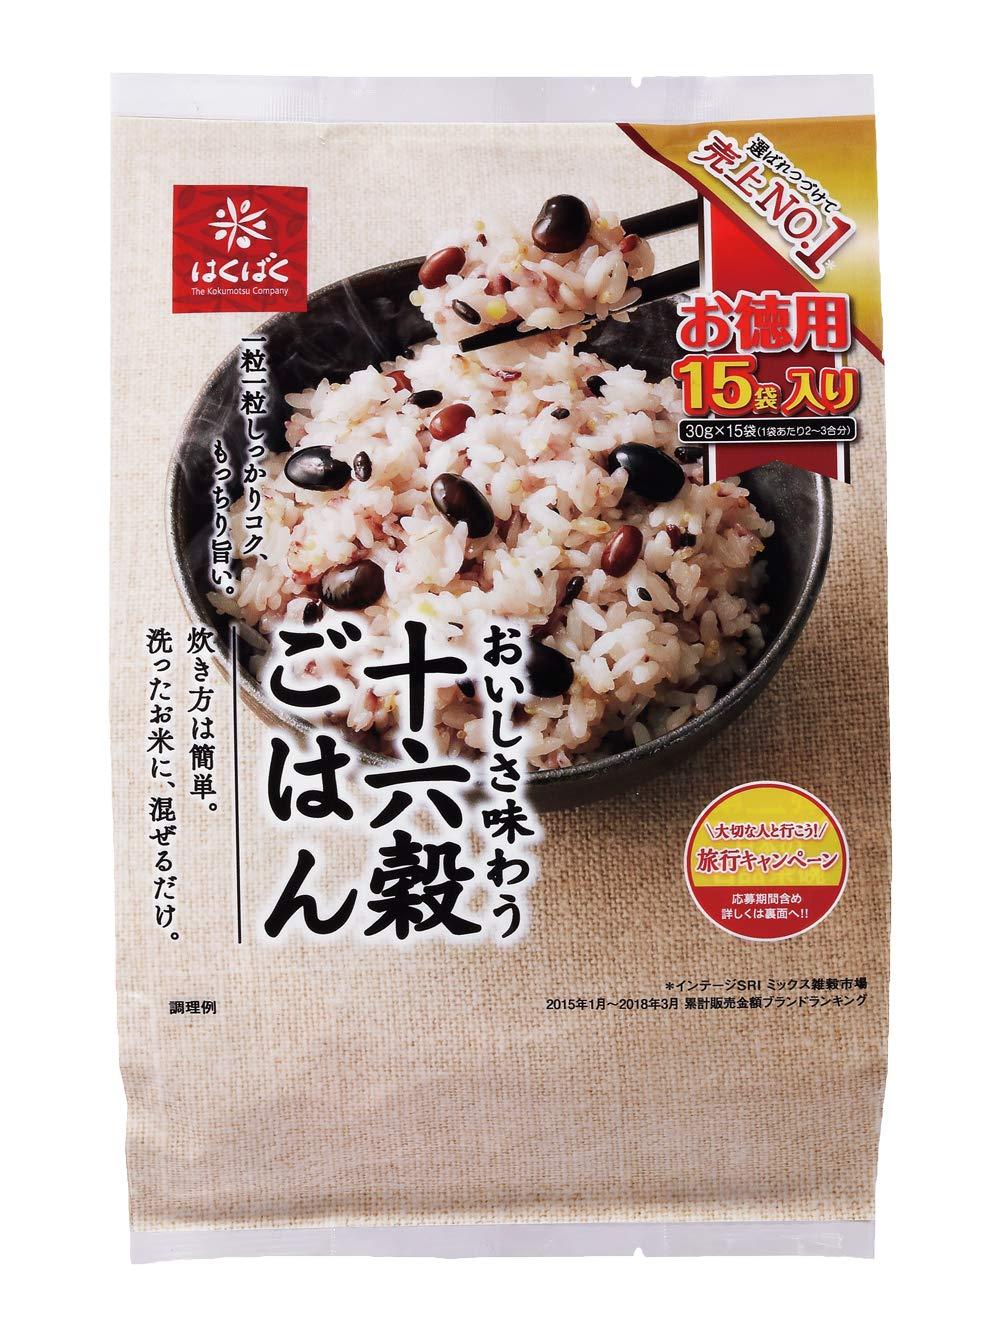 Gạo Zakkokumai của Hakubaku